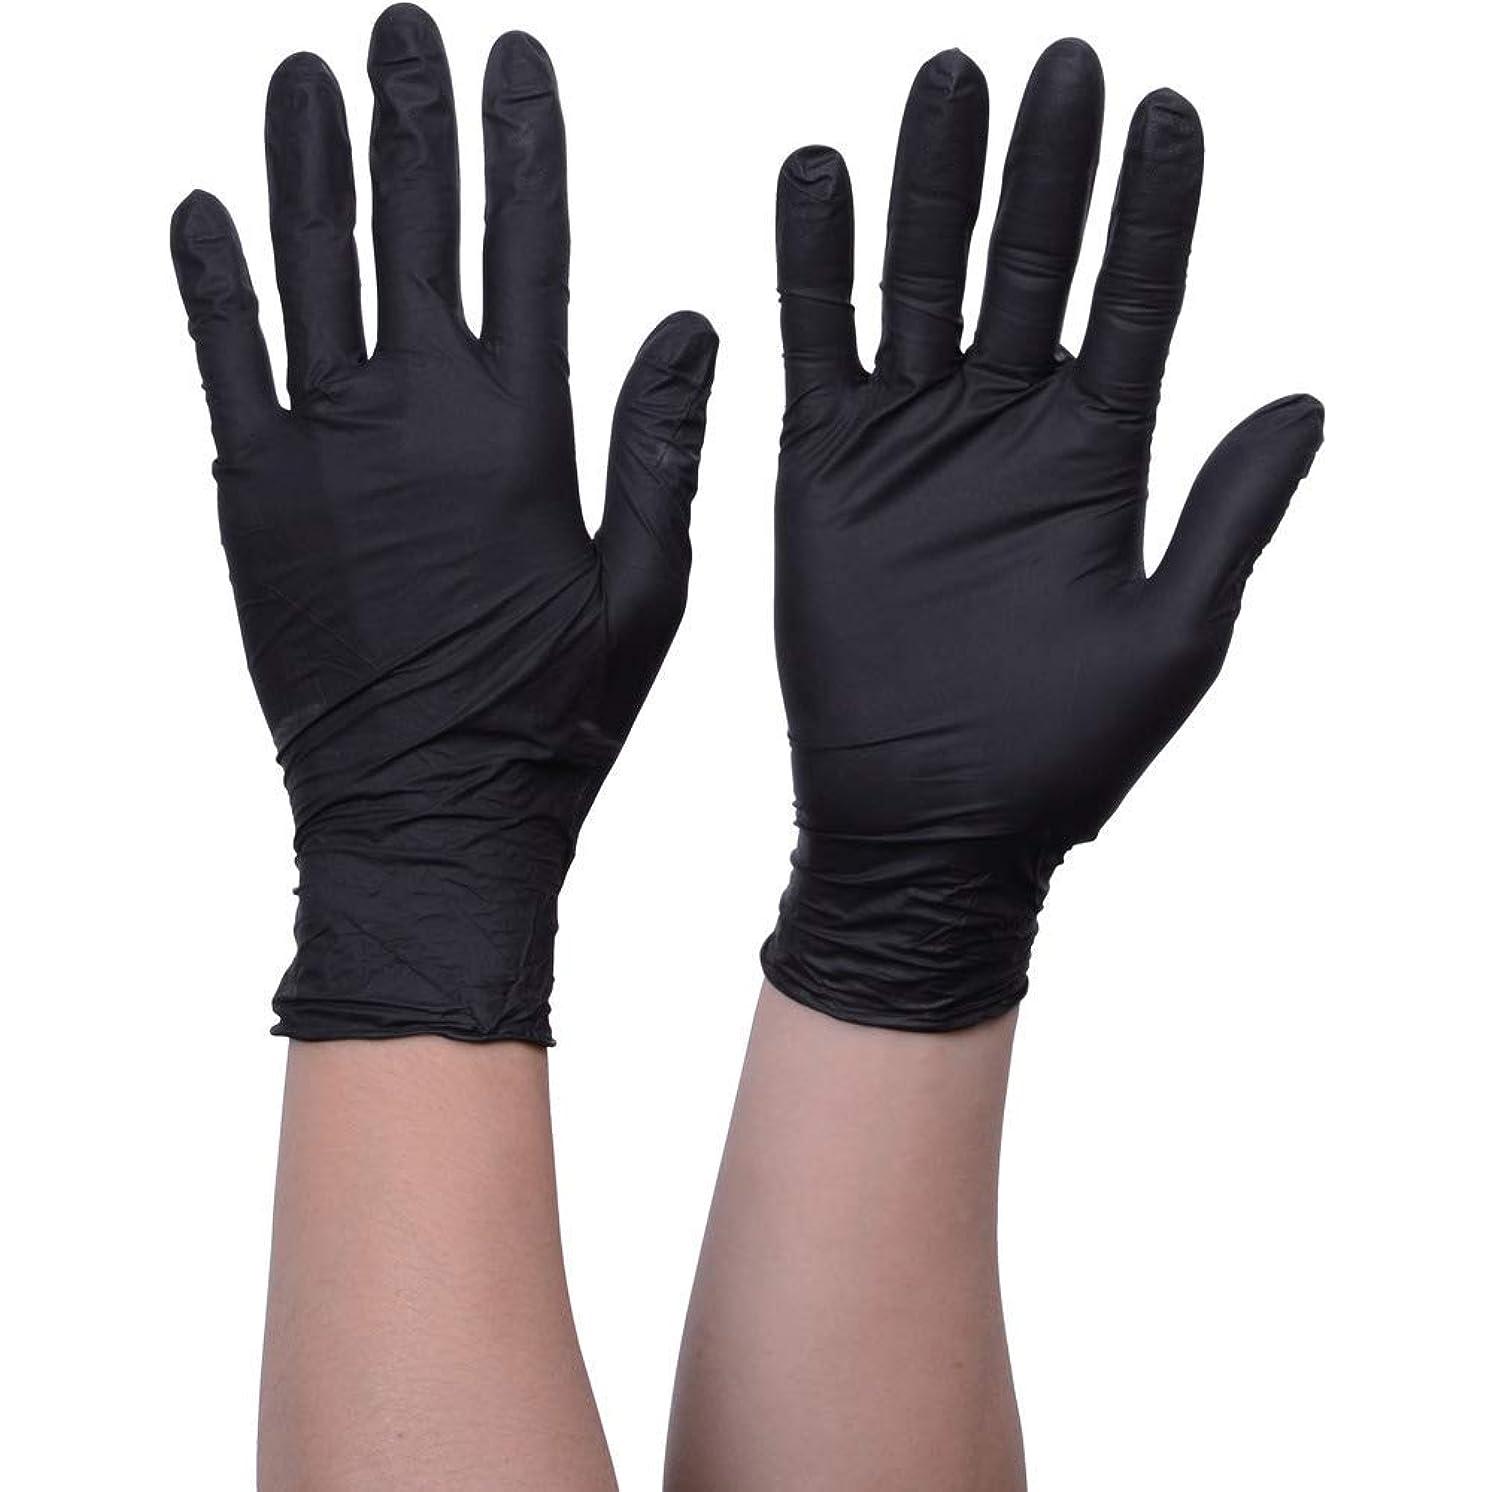 ガソリン虹タンパク質ニトリル手袋 使い捨て手袋防水耐油耐久性が強い上に軽く高品質ブラック100枚入